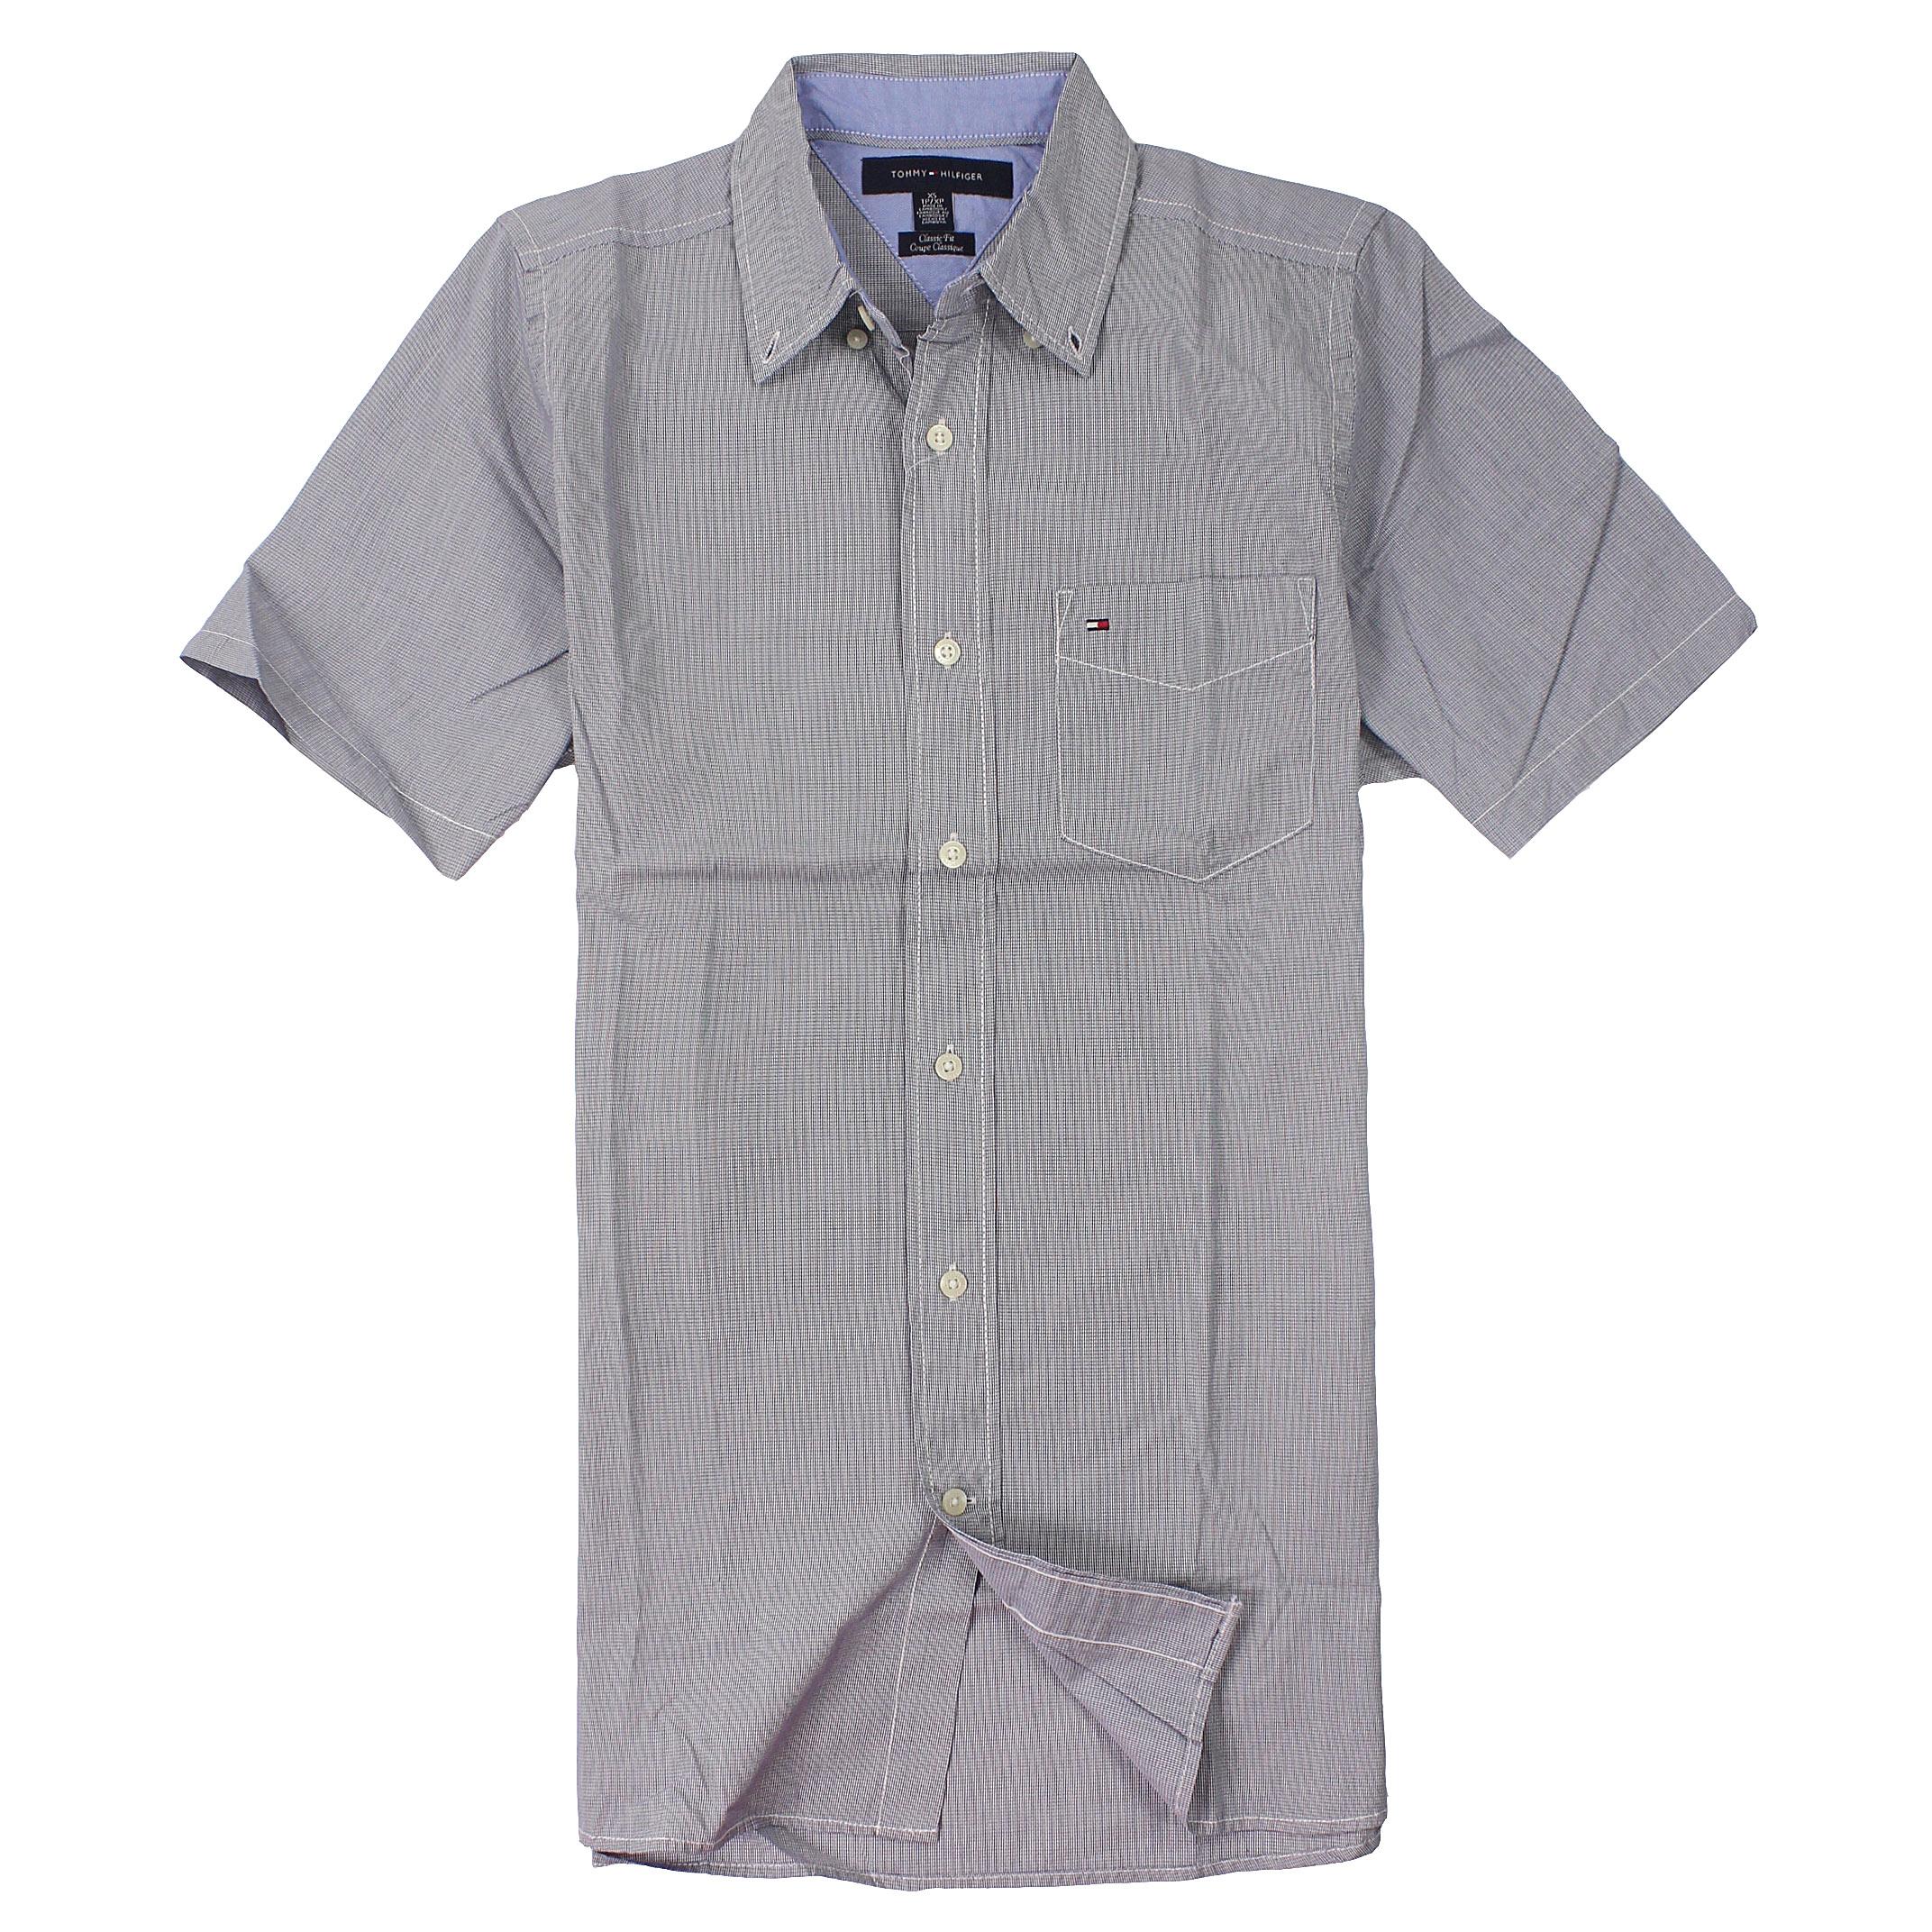 美國百分百【全新真品】Tommy Hilfiger 襯衫 TH 短袖 上衣 藍 口袋 Logo 純棉 細條紋 男 XS S號 C324